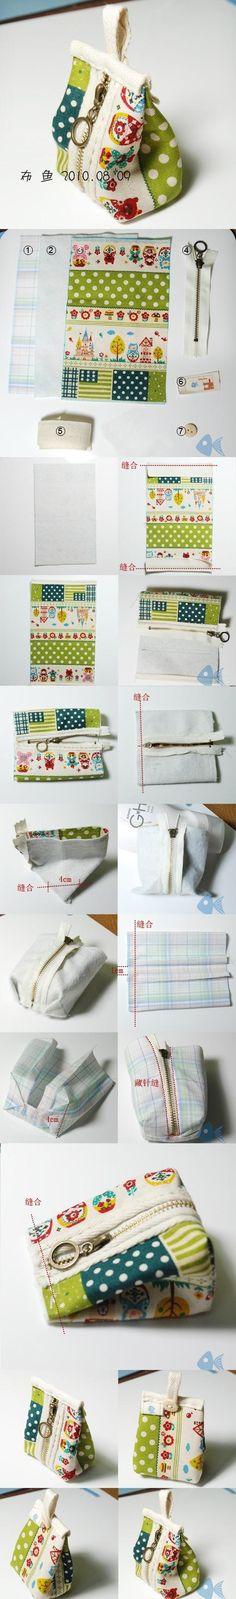 DIY Small Handbag DIY Small Handbag by diyforever